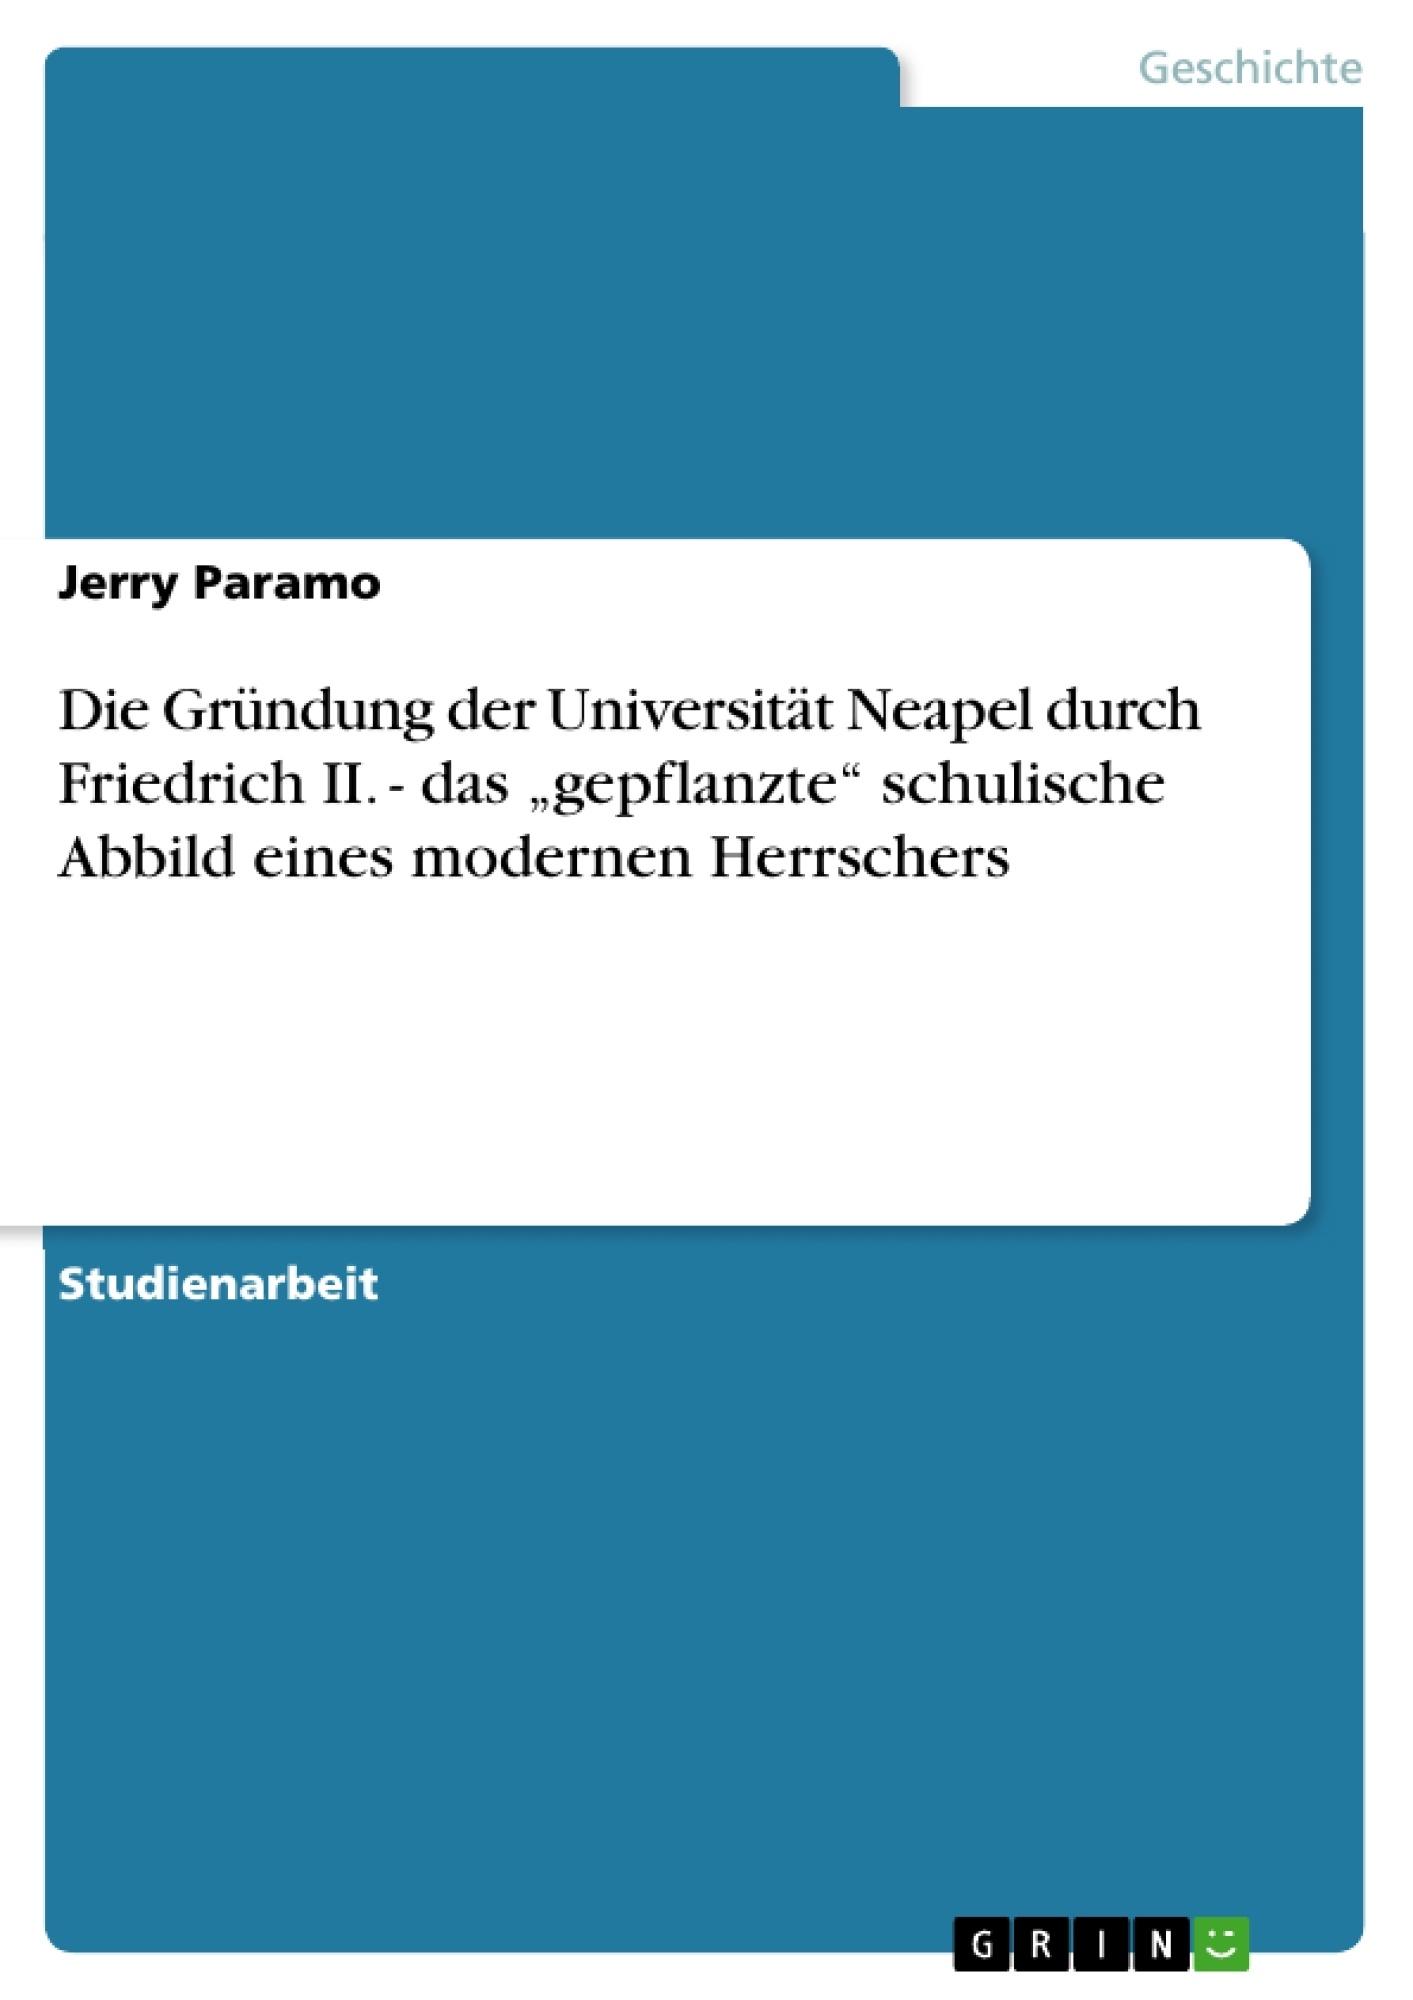 """Titel: Die Gründung der Universität Neapel durch Friedrich II. - das """"gepflanzte"""" schulische Abbild eines modernen Herrschers"""